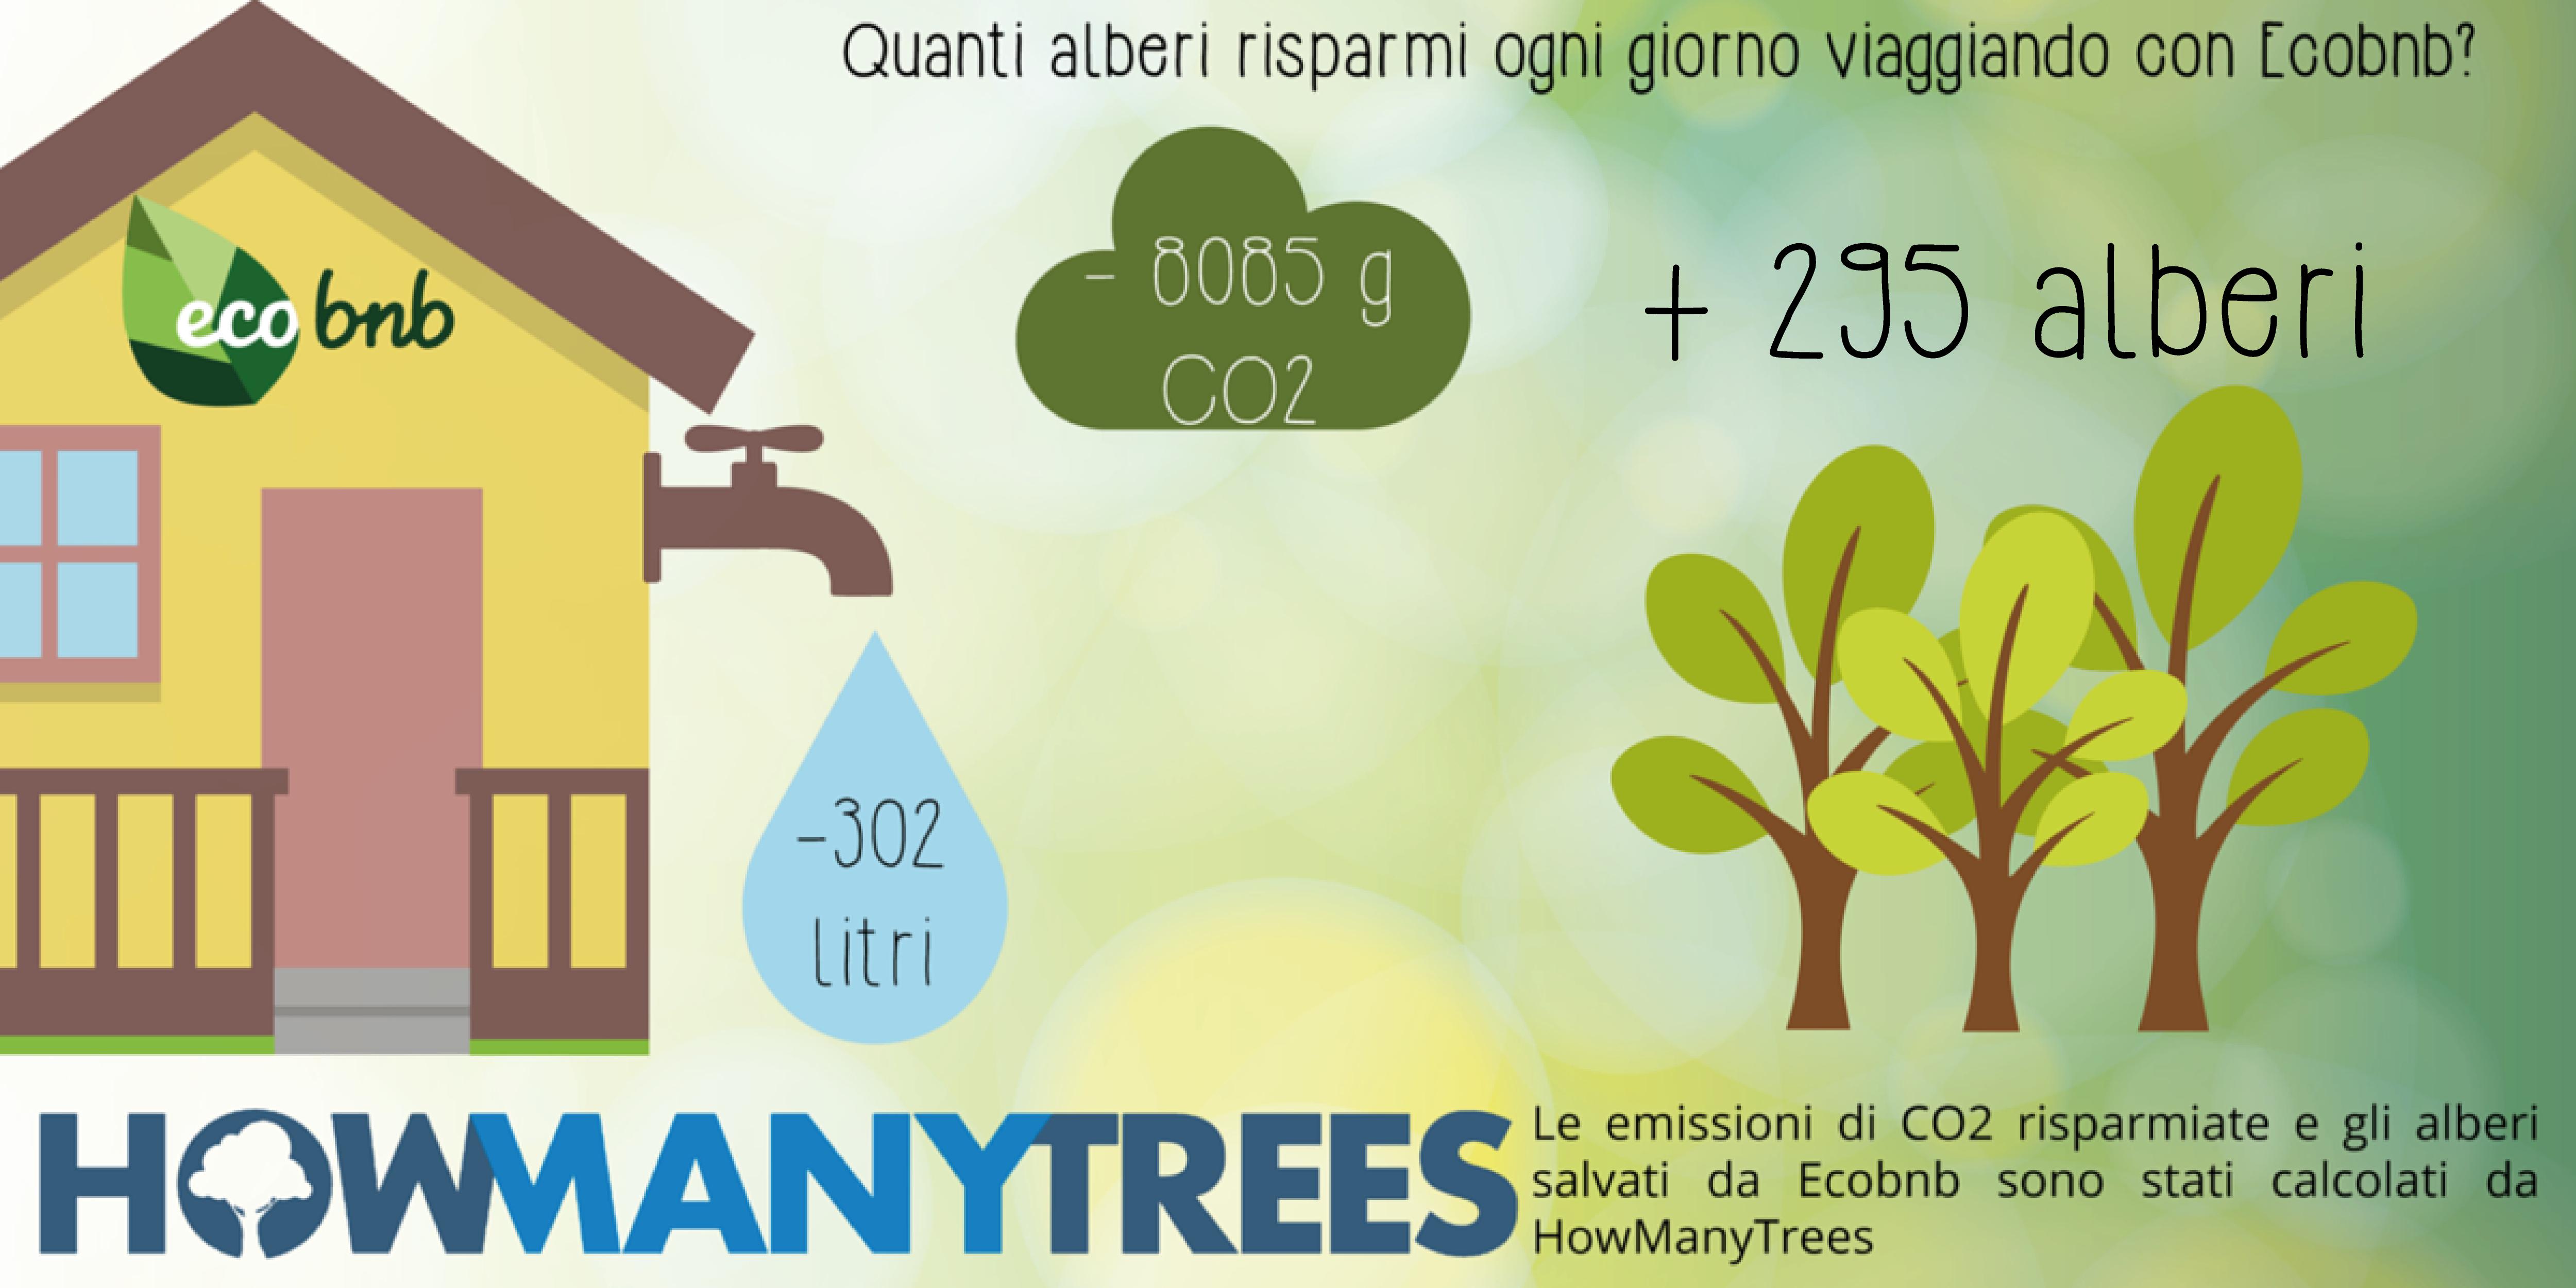 Quanti alberi e quanta co2 puoi risparmiare ogni giorno con Ecobnb?